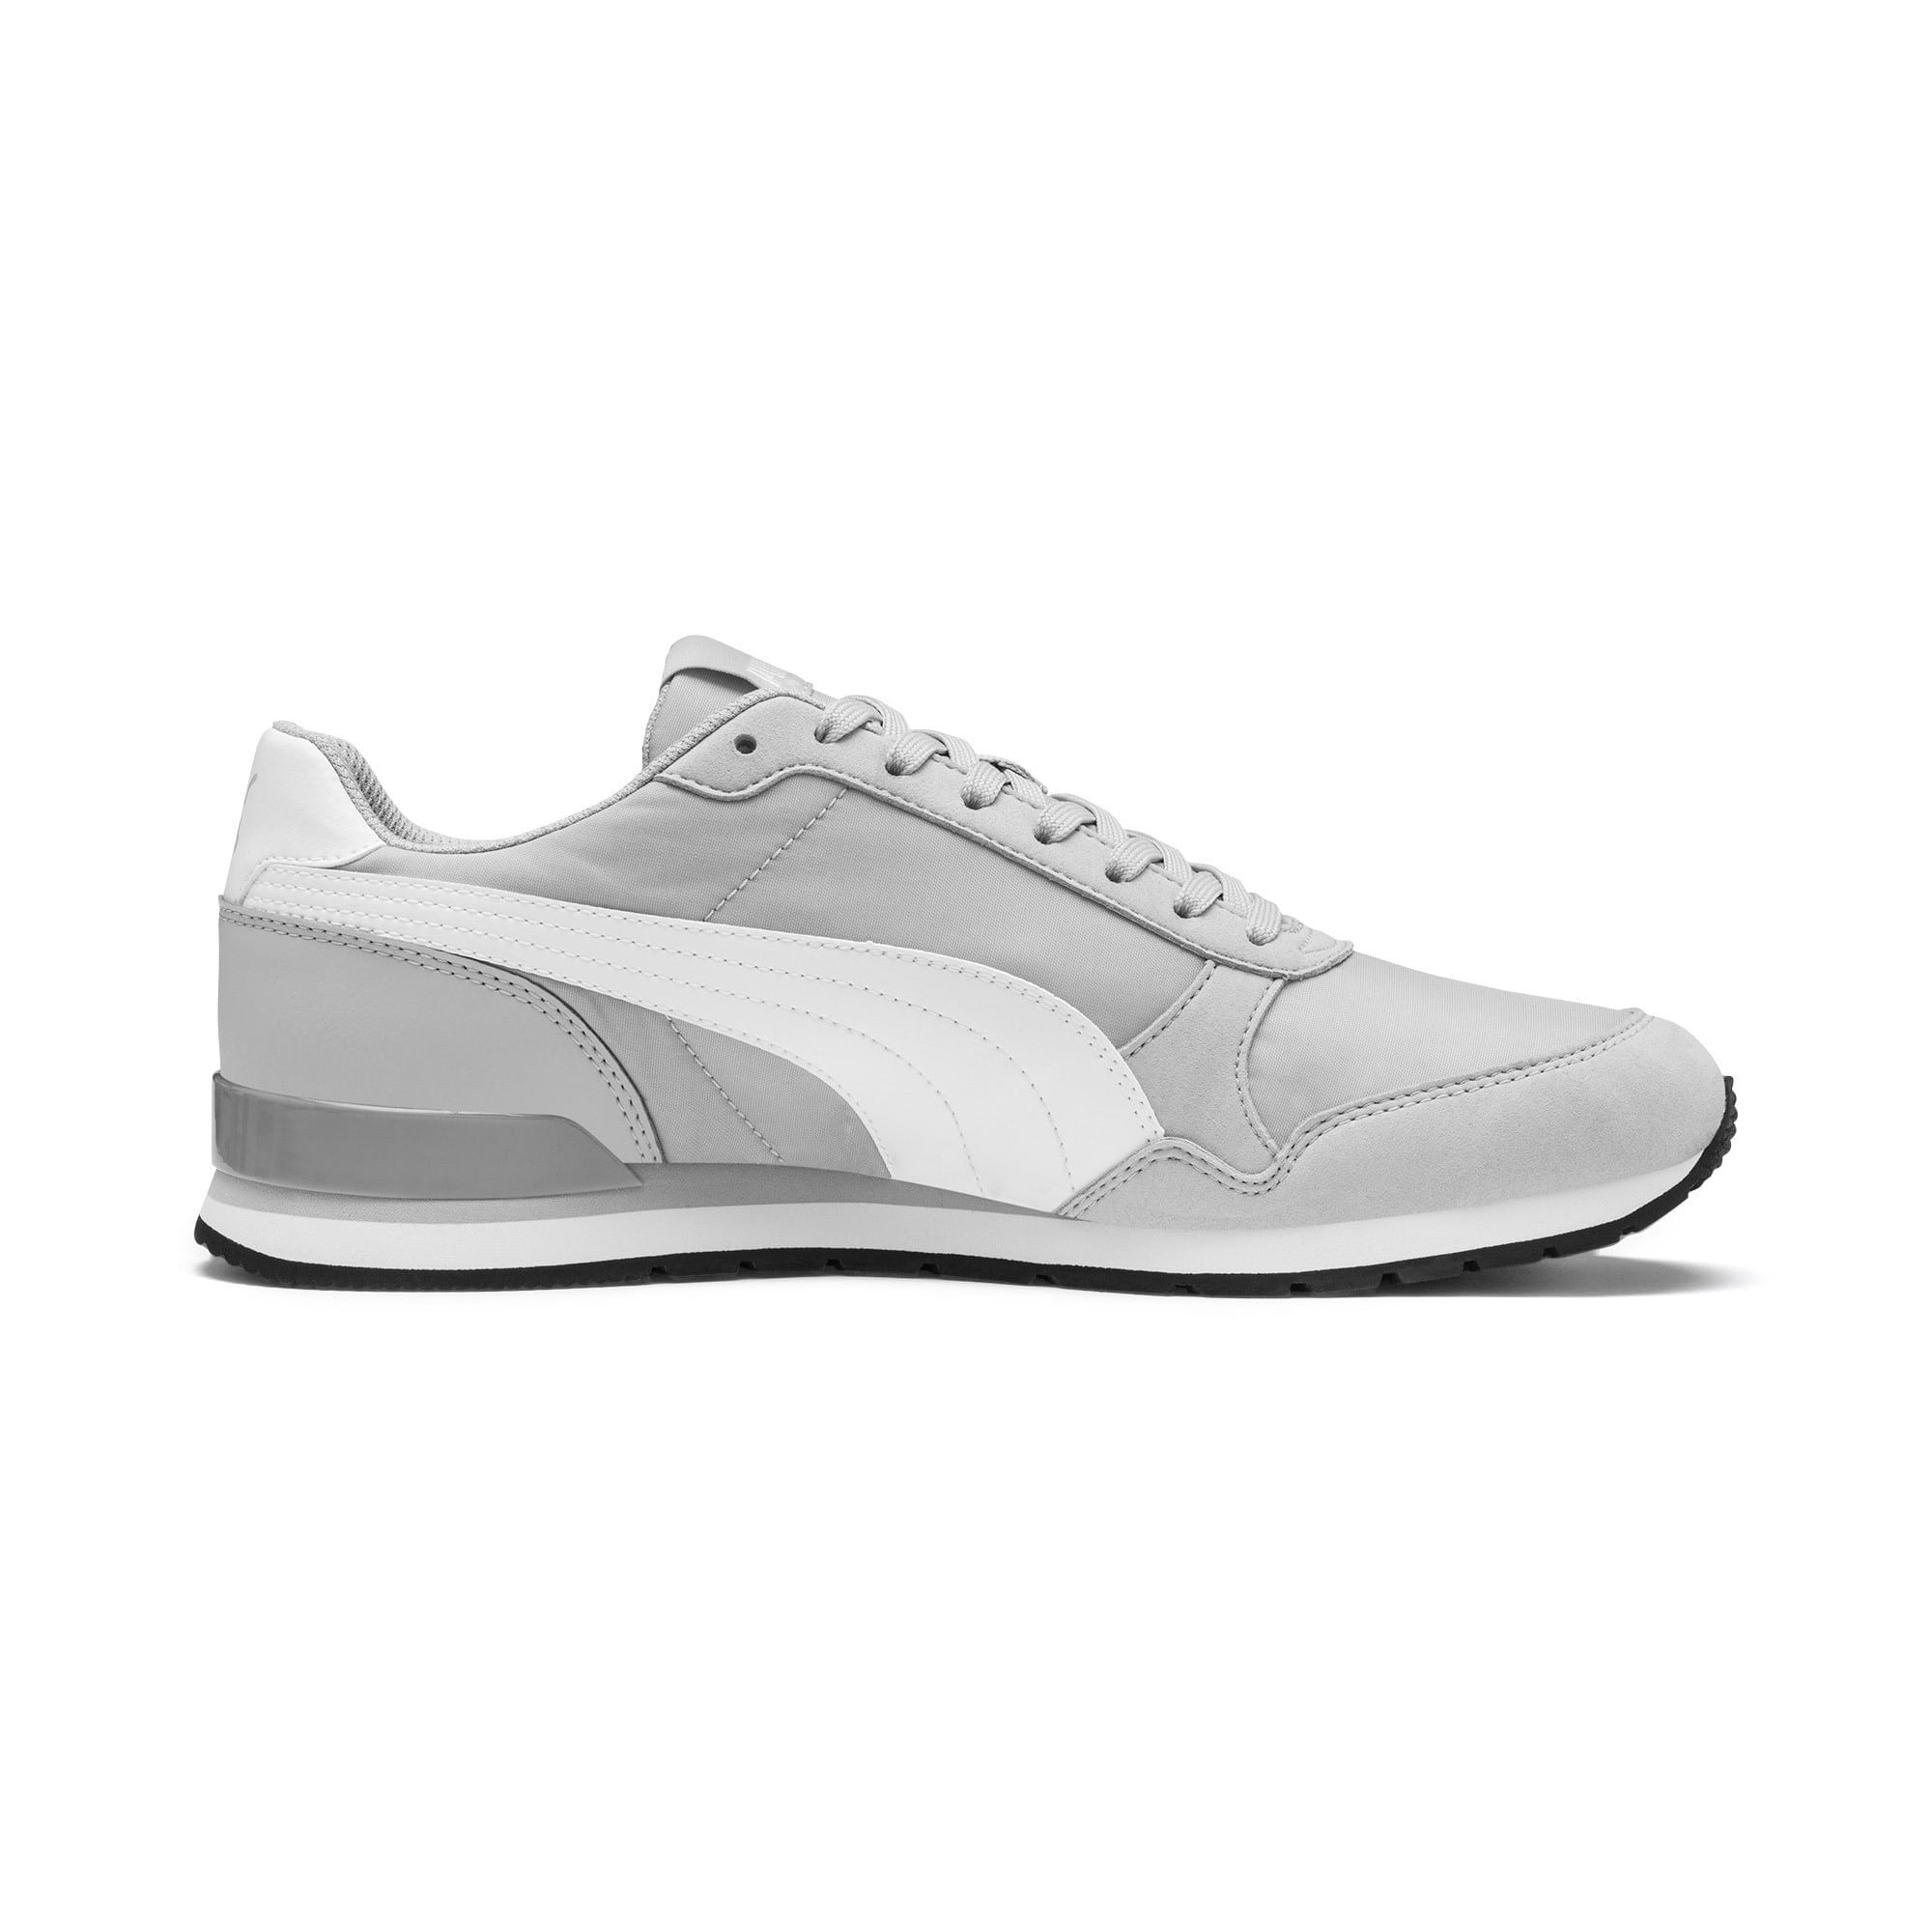 Thumbnail 6 of ST Runner v2 Sneakers, High Rise-Puma White, medium